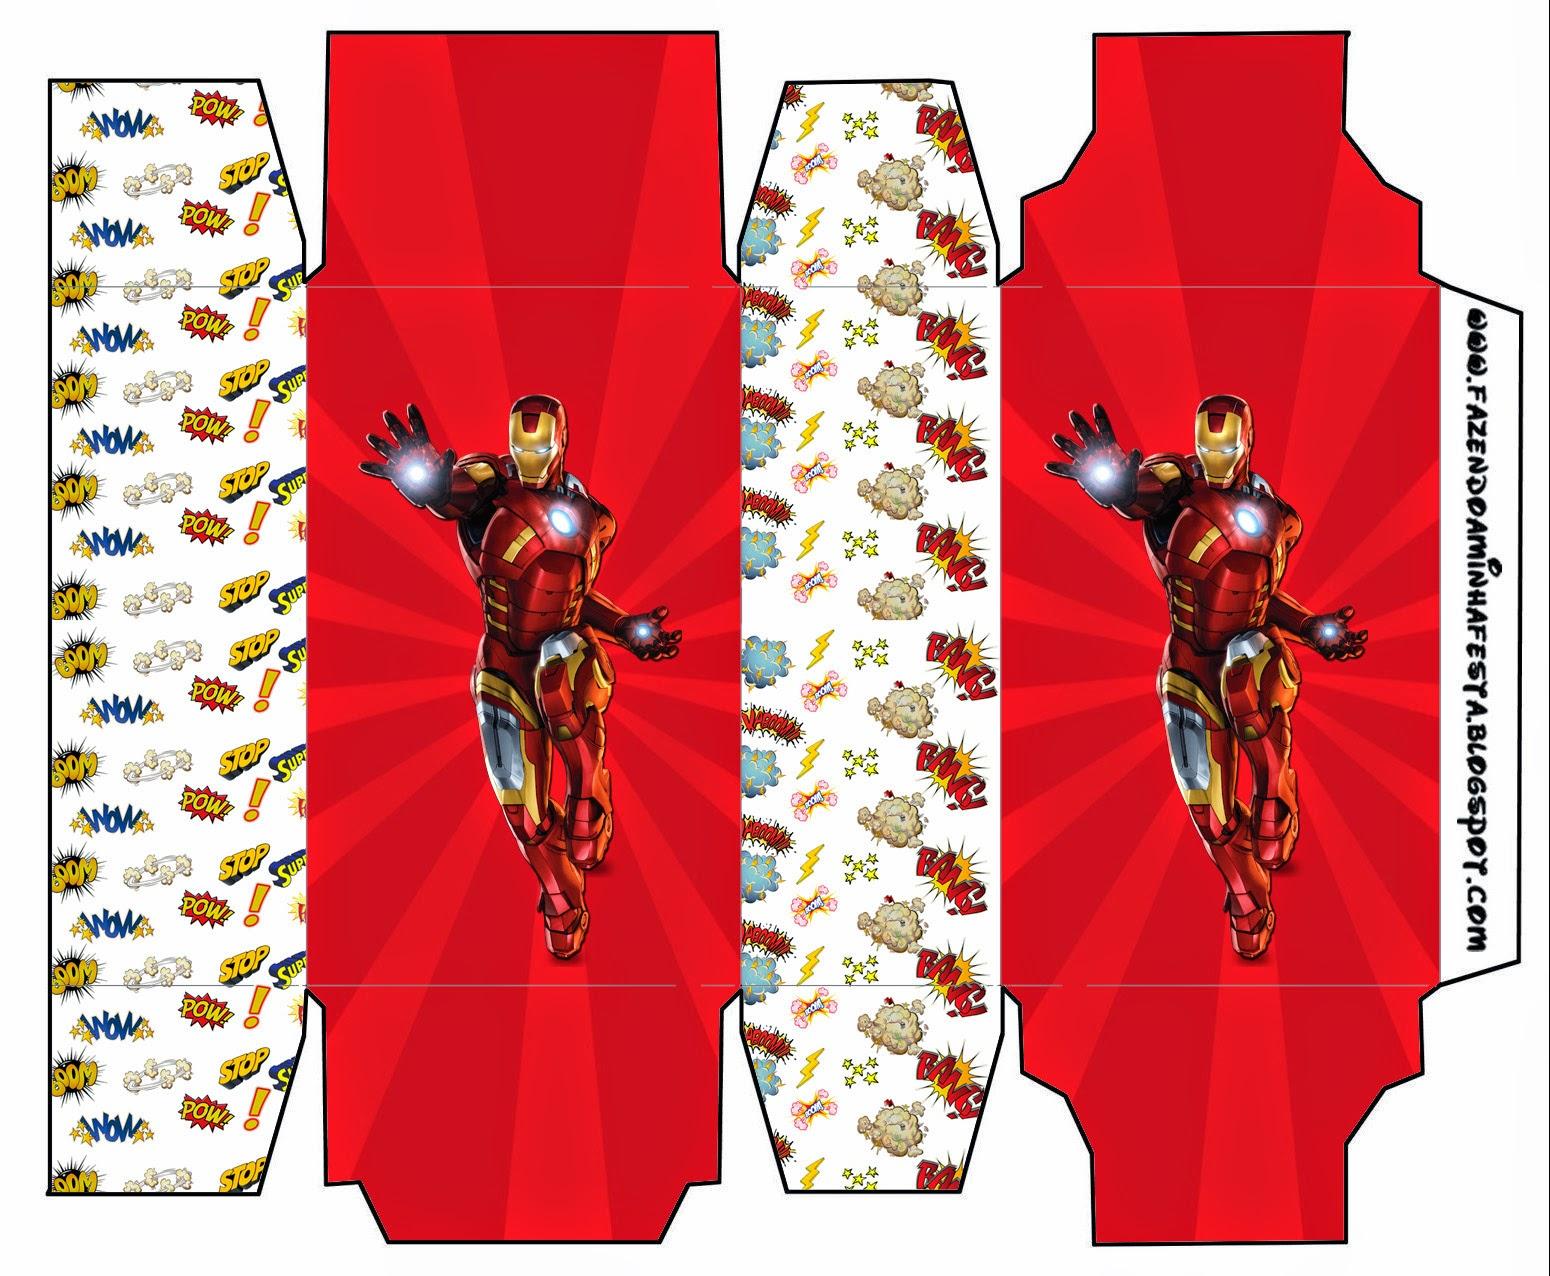 Caja de Iron Man para Imprimir Gratis.